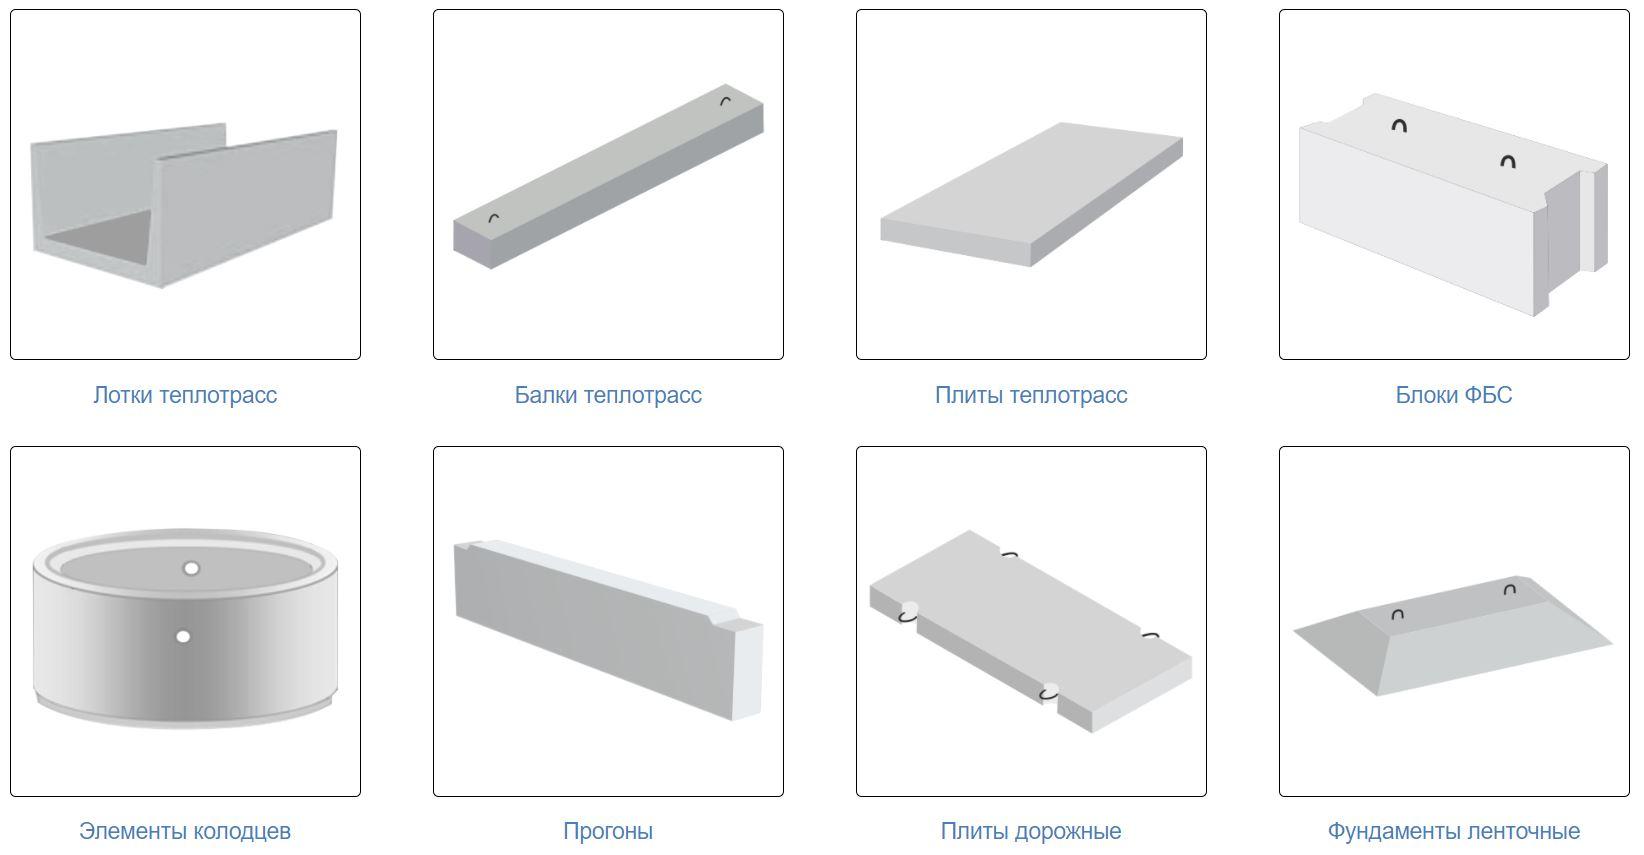 бетоны строительные растворы и железобетон